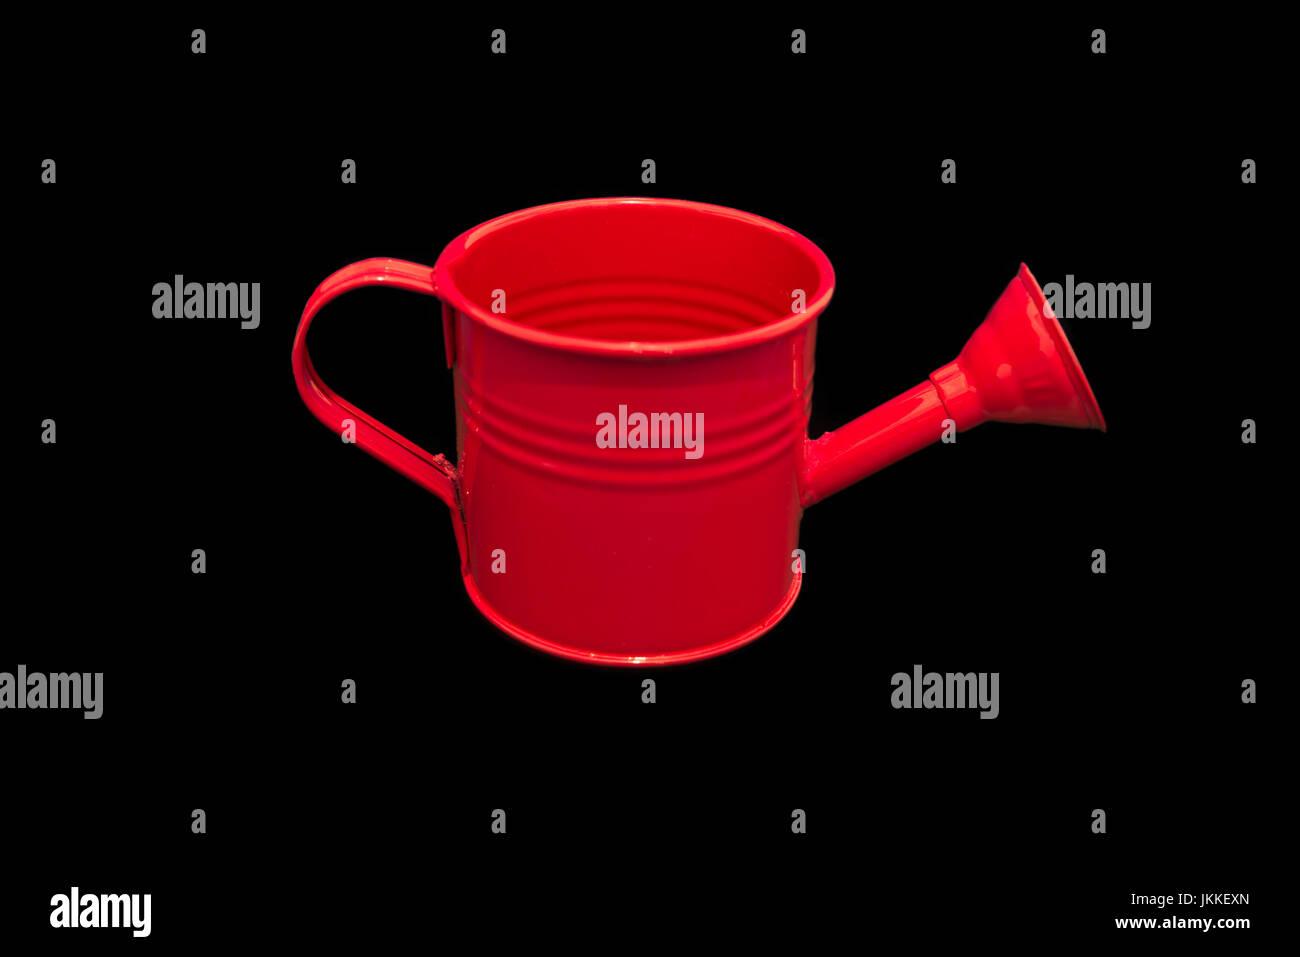 Solo rojo regadera aislado sobre fondo negro. Es limpio y brillante de la imagen y se centra en la imagen con espacio Imagen De Stock